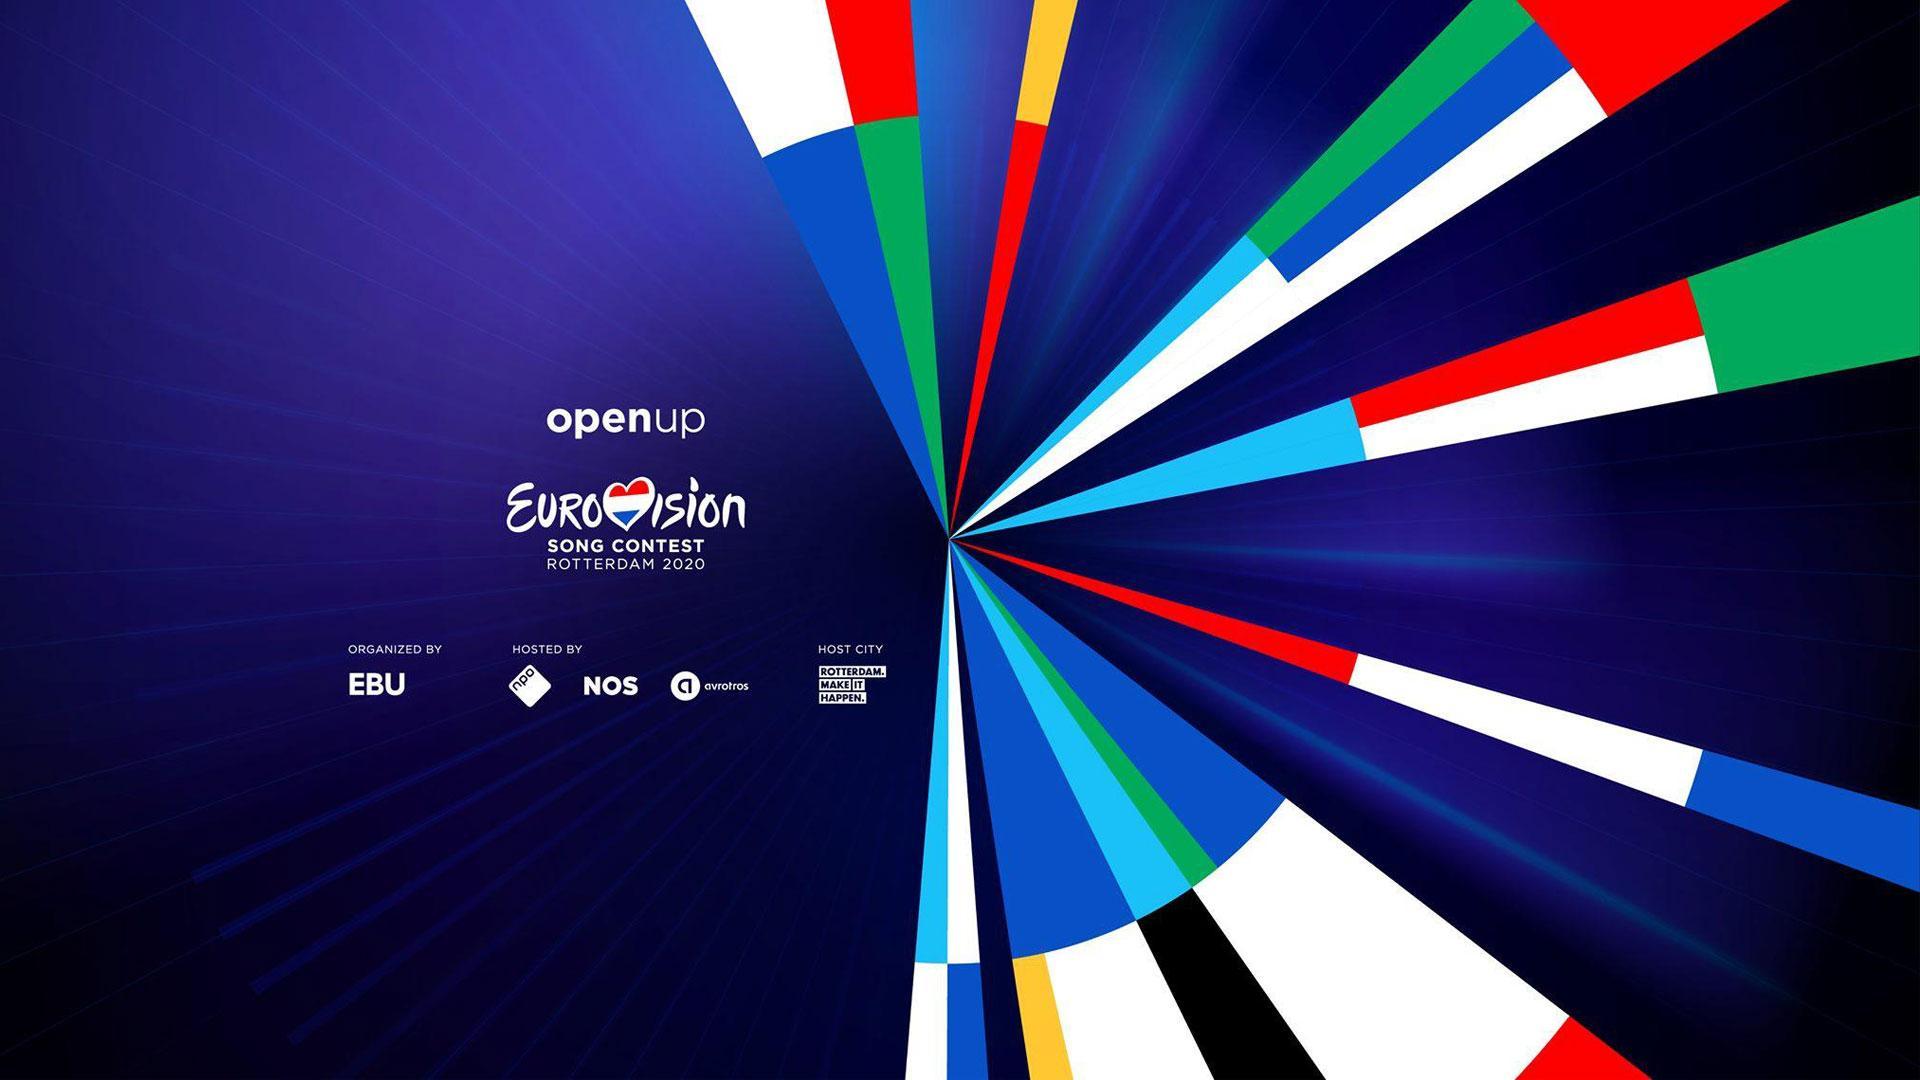 Dit doen we om het Eurovisie Songfestival 2020 zo toegankelijk mogelijk te maken